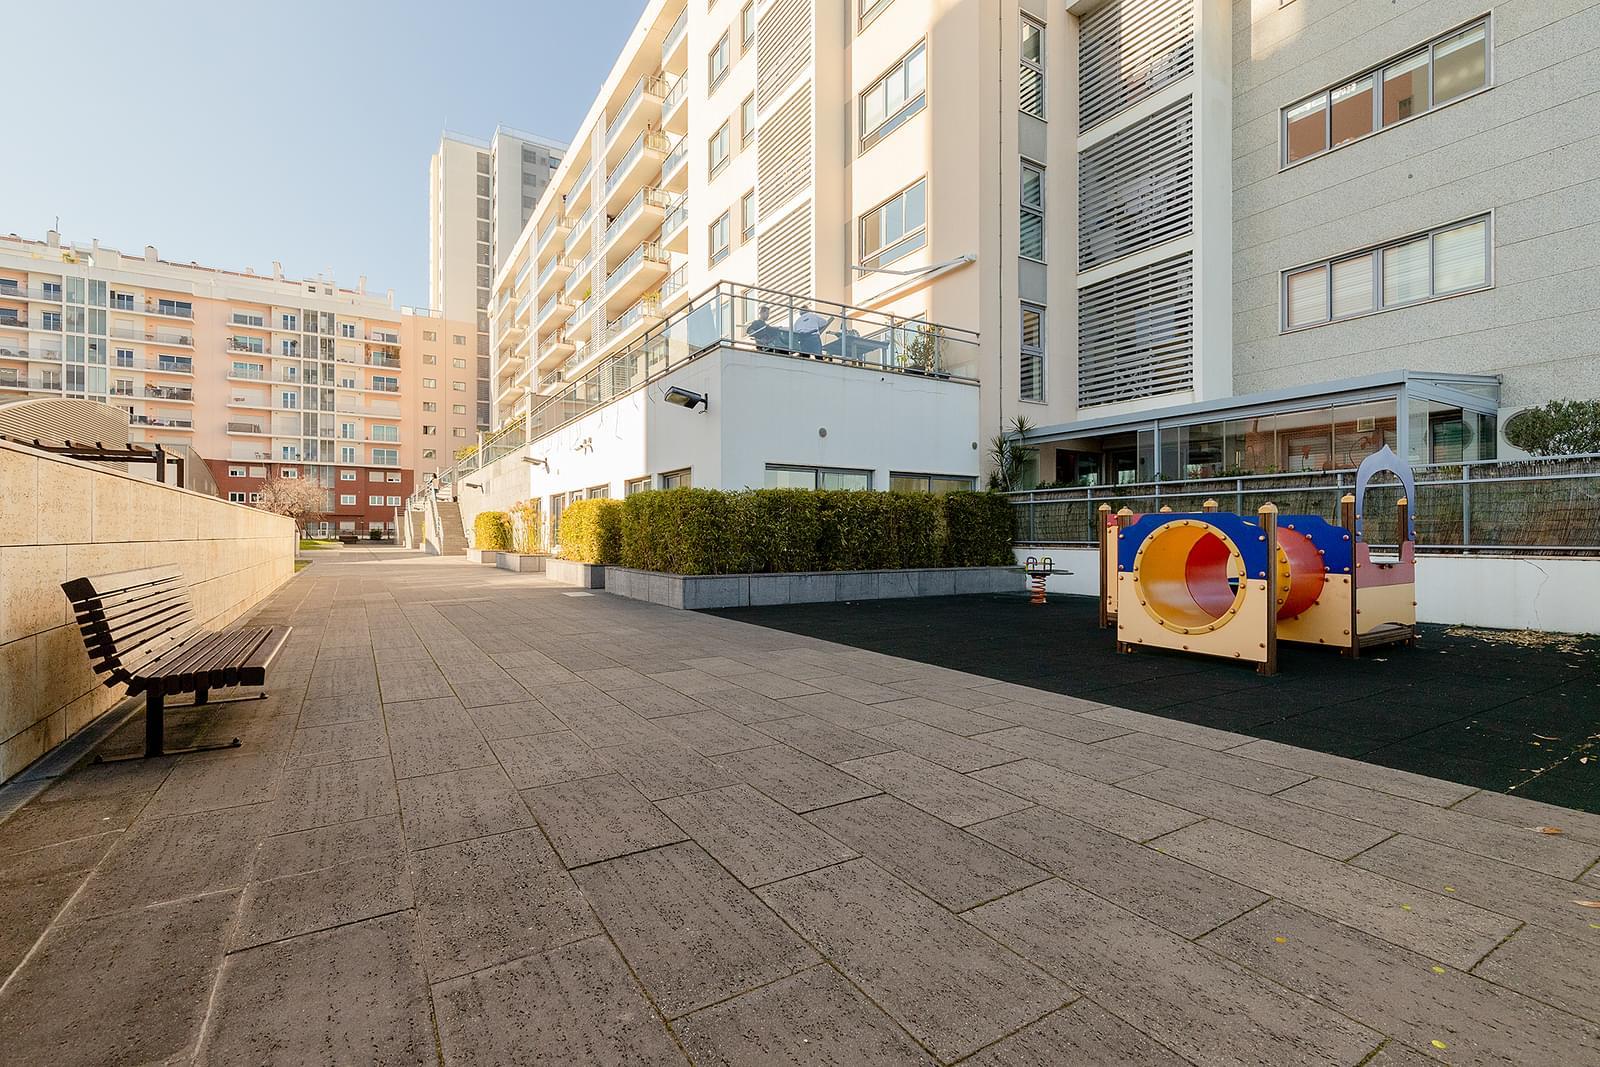 pf18953-apartamento-t3-lisboa-088bfb8a-7aa6-4eed-b5bd-5d5601da78d7